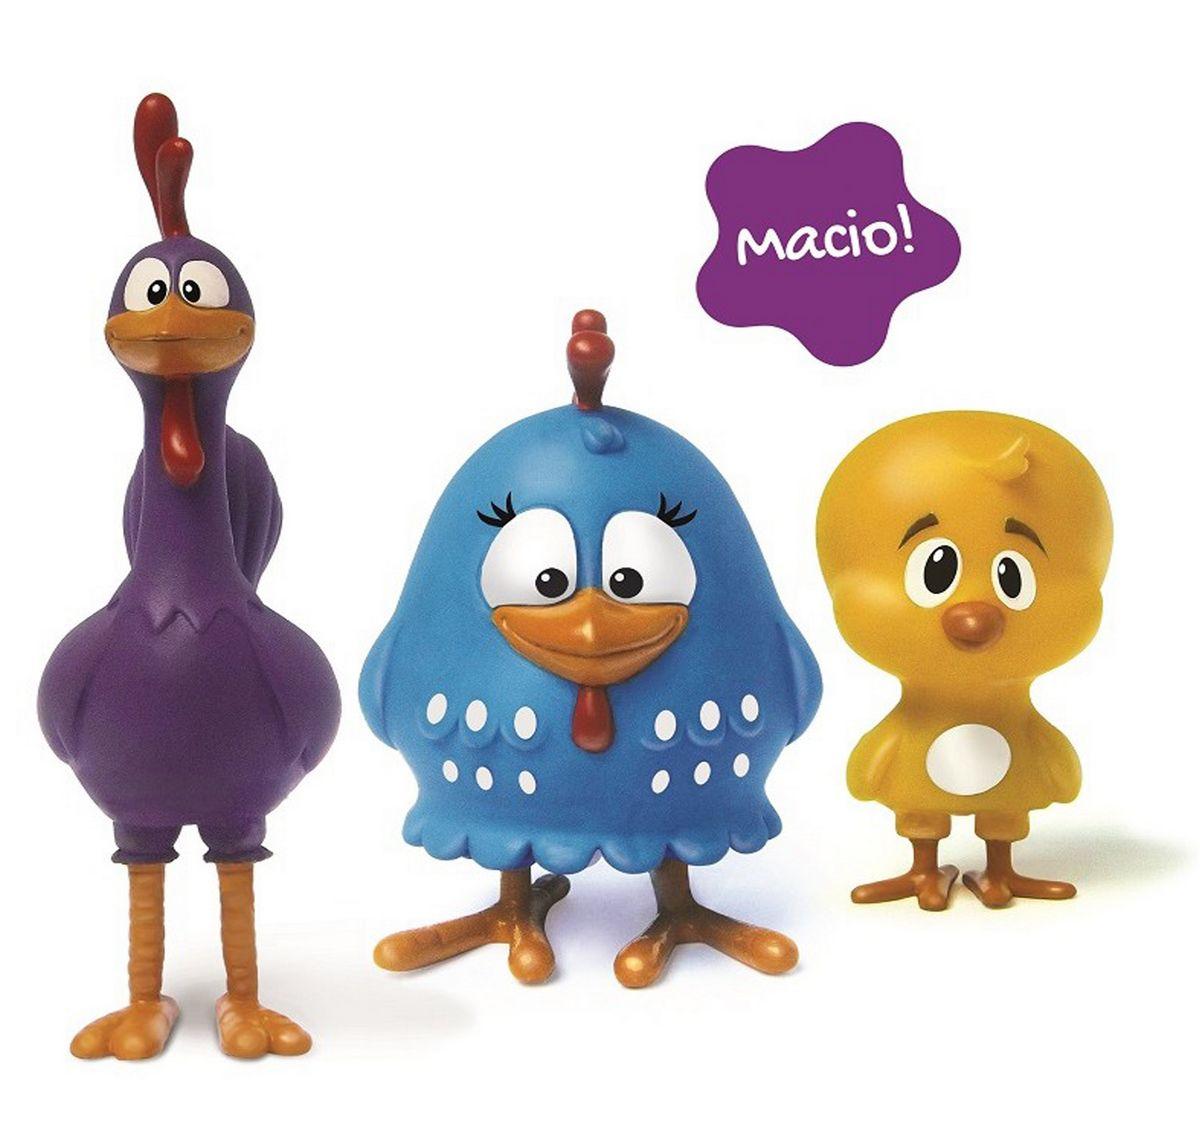 Brinquedo Família Galinha Pintadinha Infantil Bebê 18 Meses Bolhas De Sabão Atóxico Macio Menina Menino Original Elka